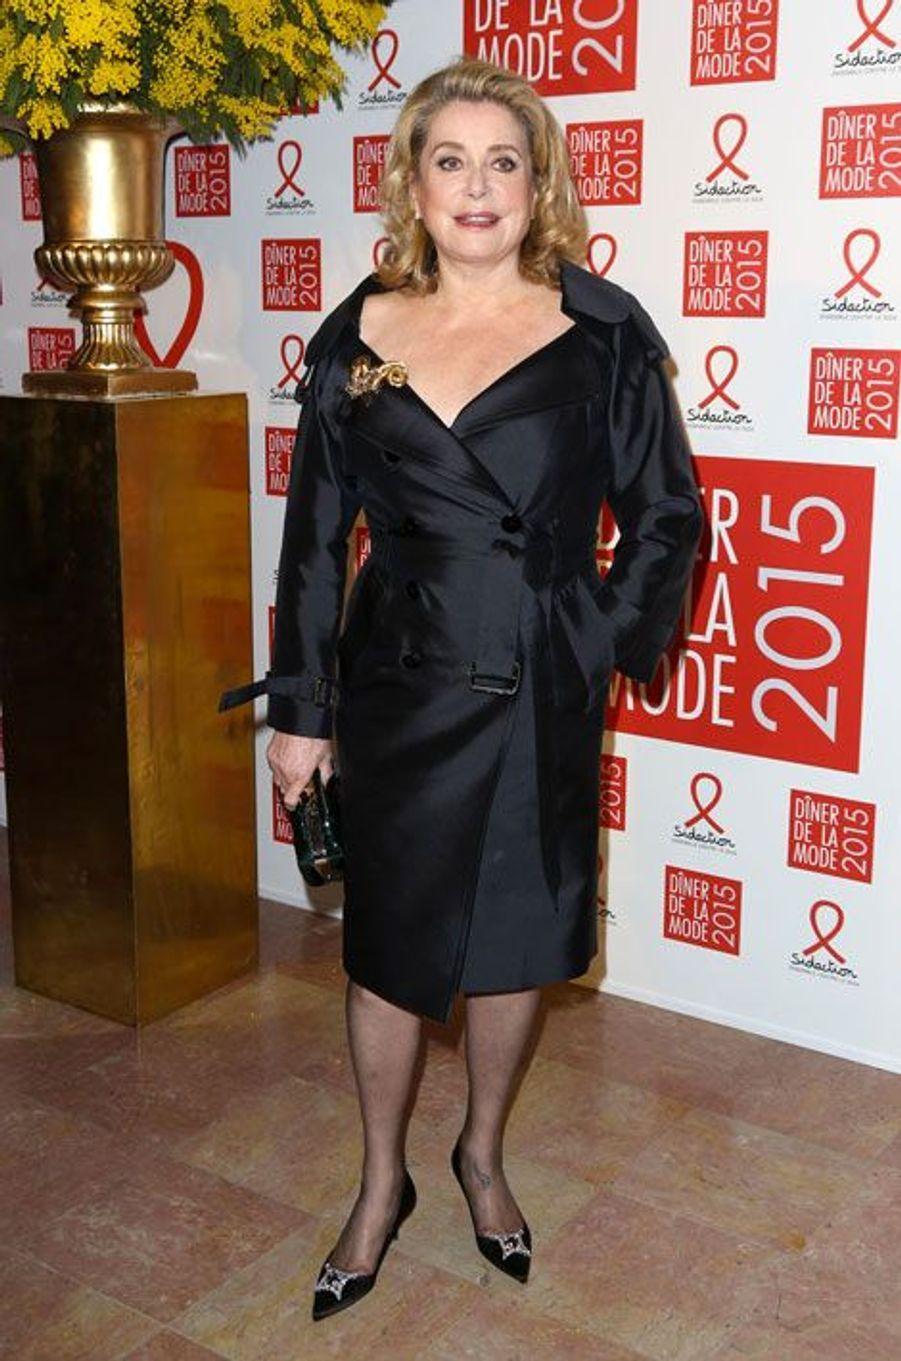 Catherine Deneuve au dîner de la mode du Sidaction, le 29 janvier 2015 à Paris